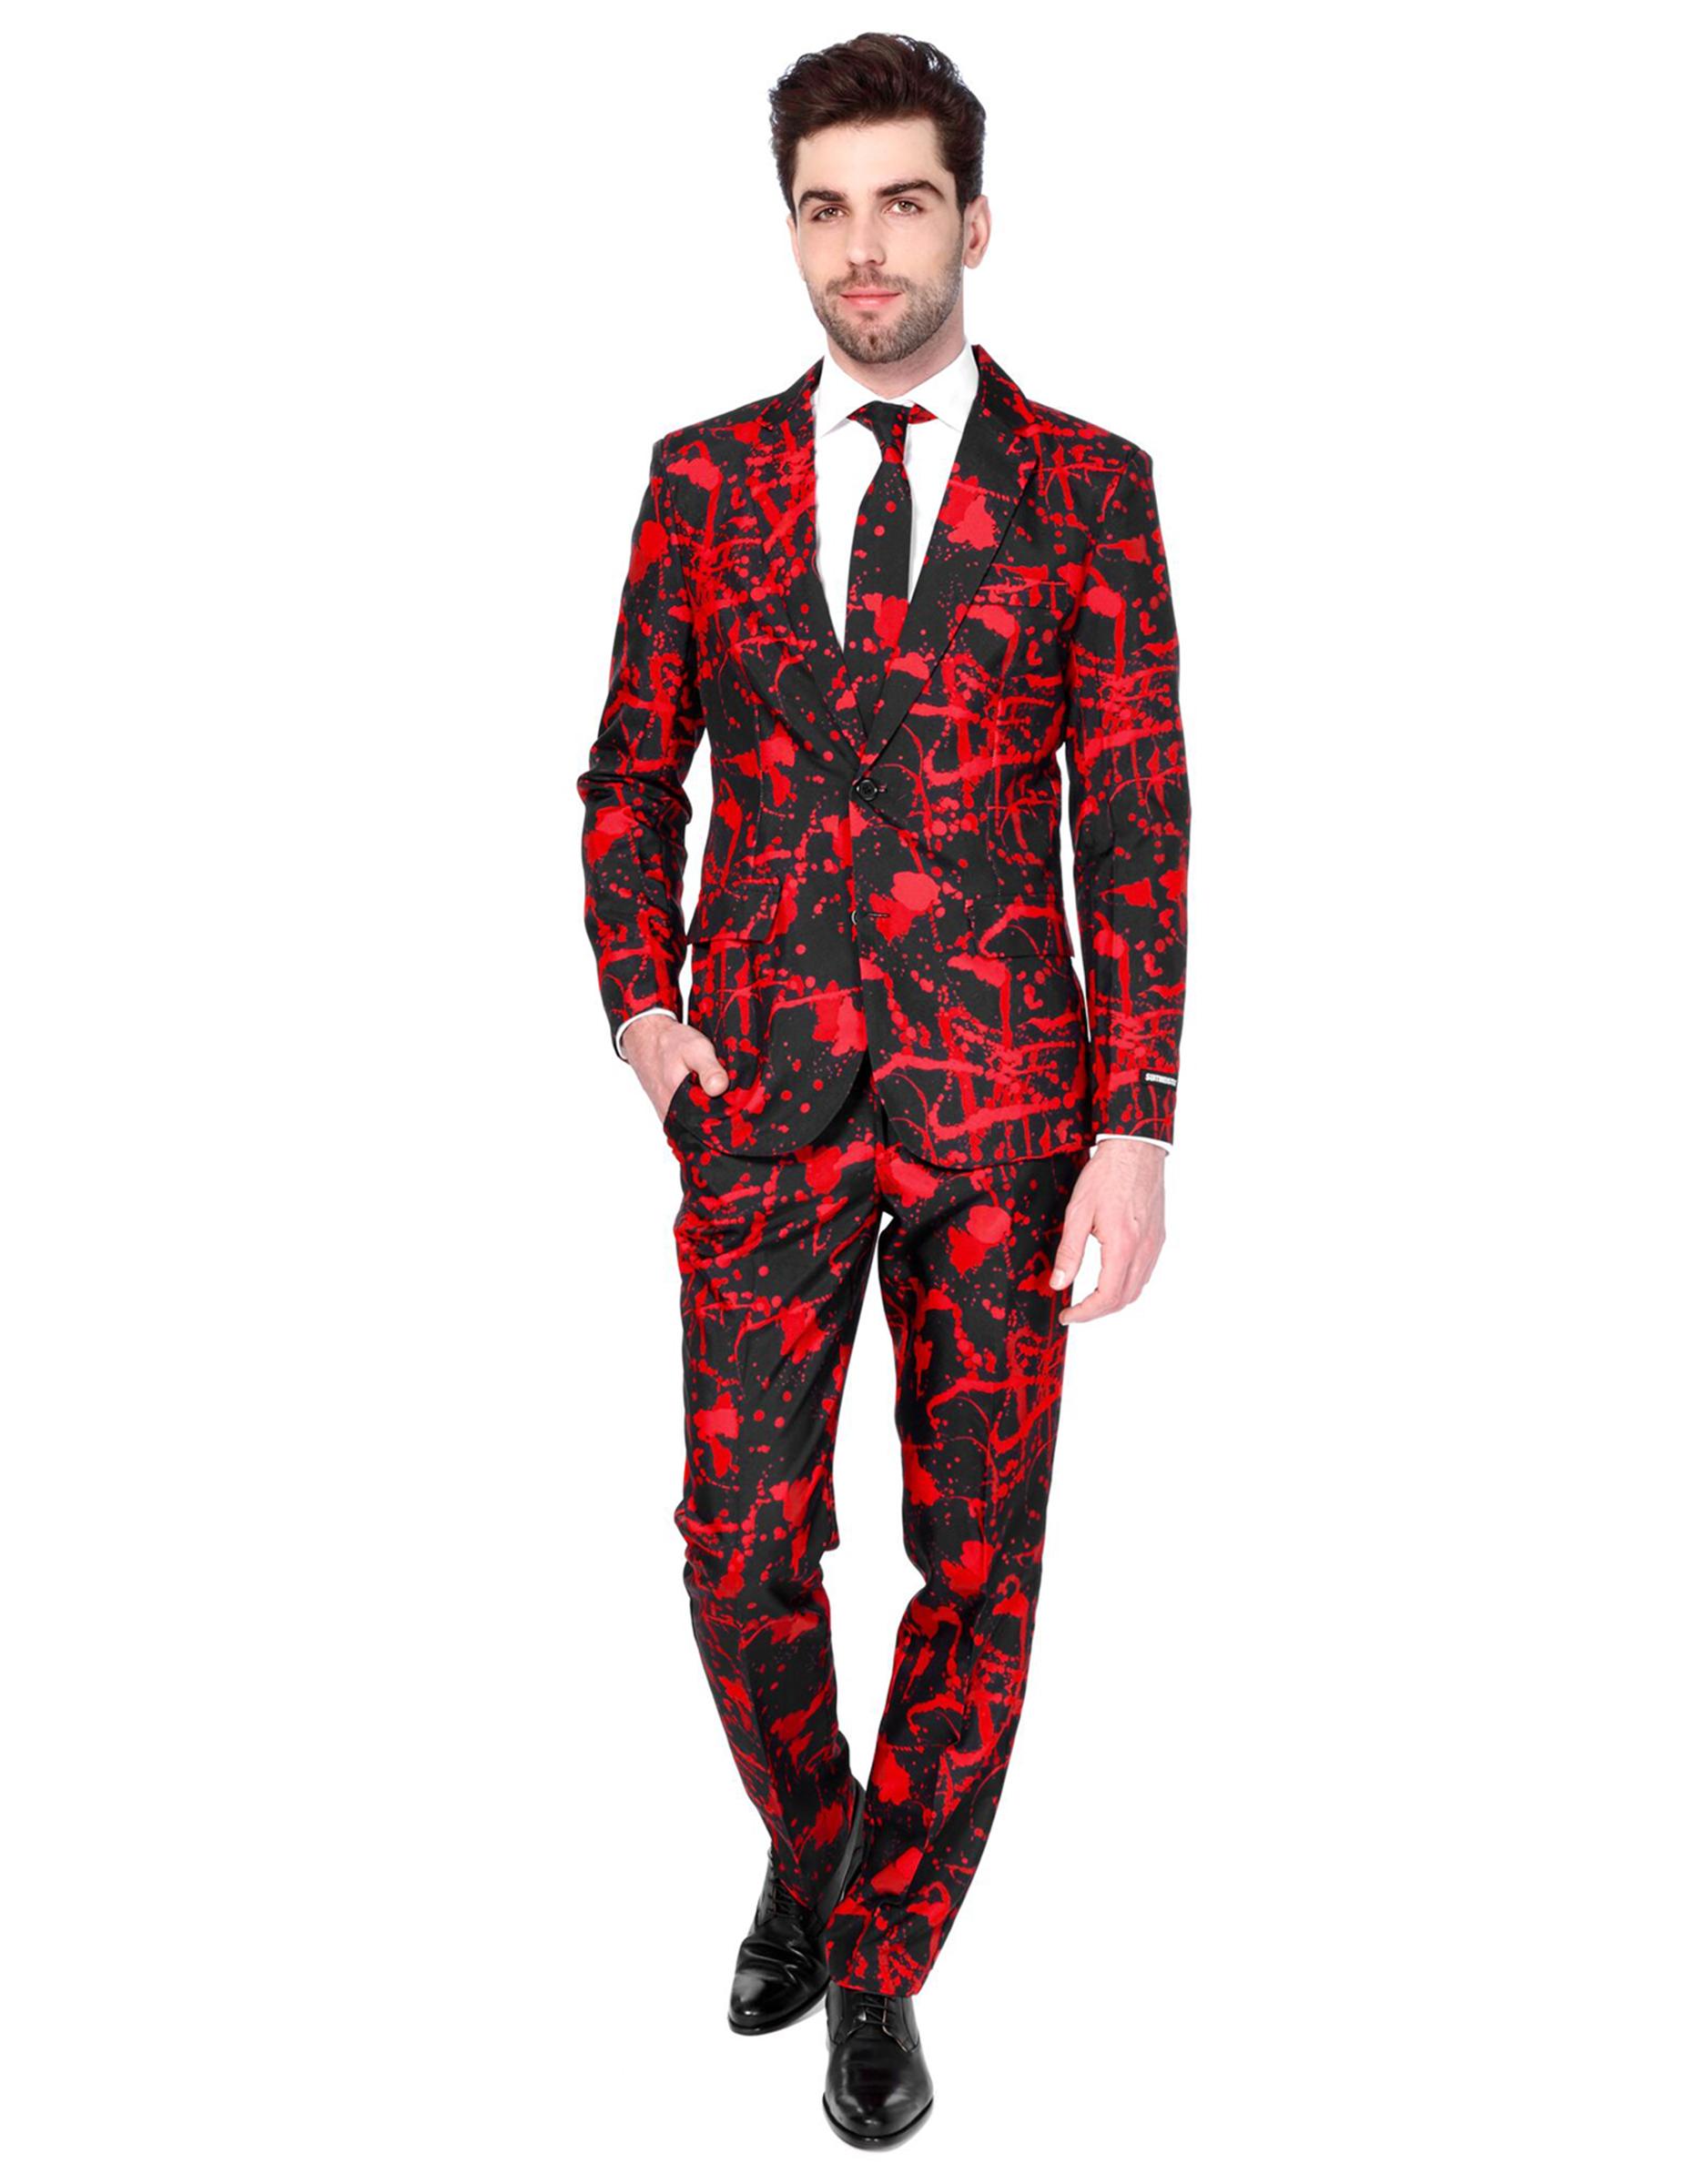 63652674497fa9 Mr. Black Blood Suitmeister™ kostuum voor mannen: Volwassenen ...